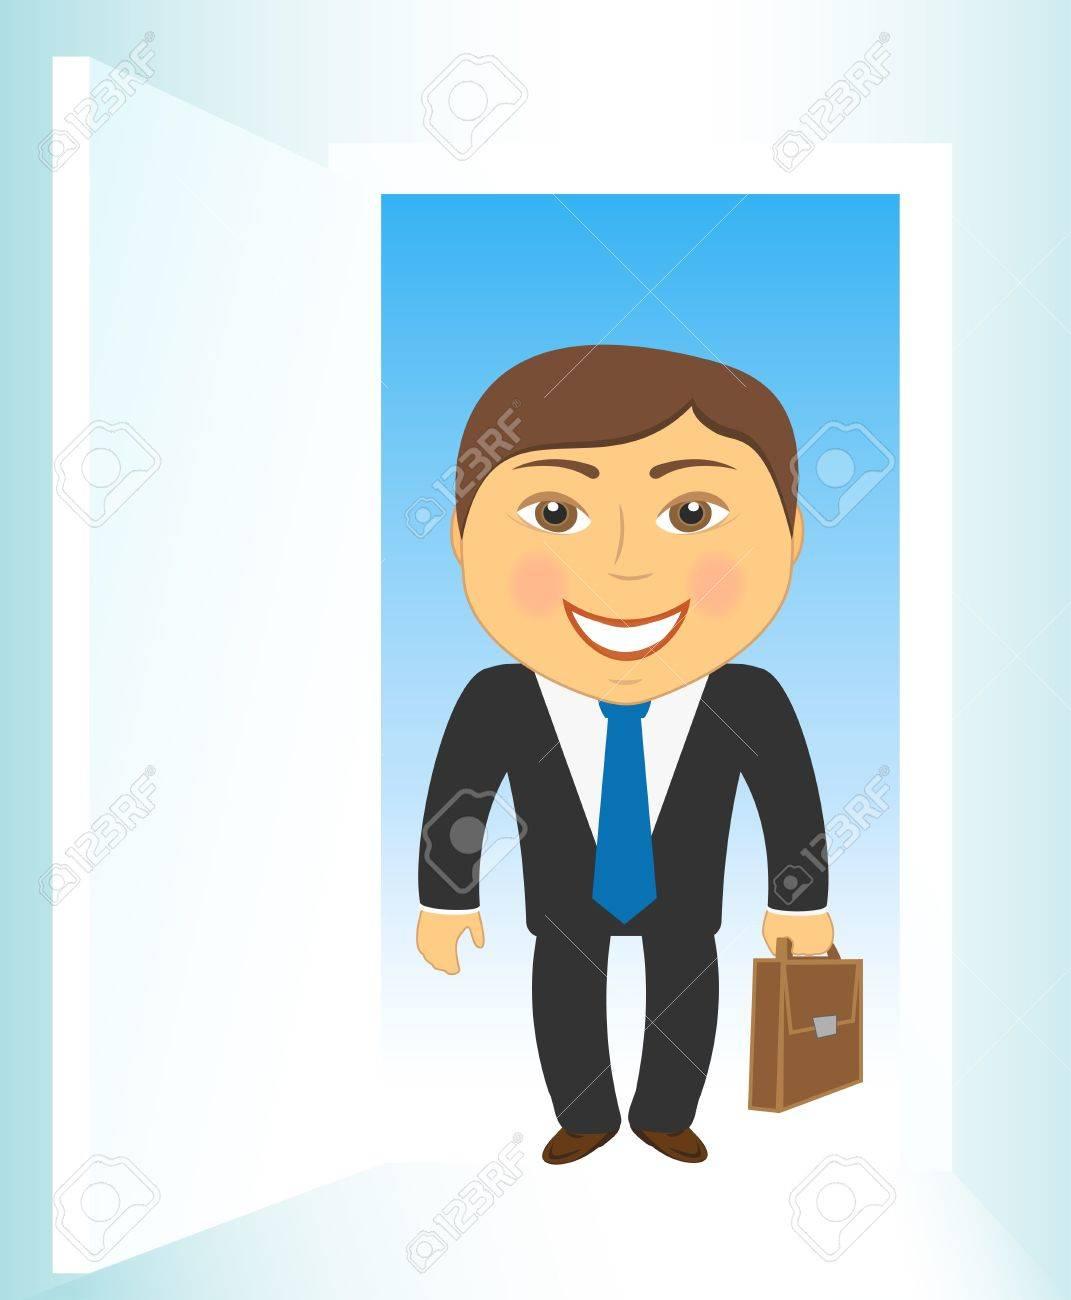 cute cartoon businessman on open door background Stock Vector - 12340540